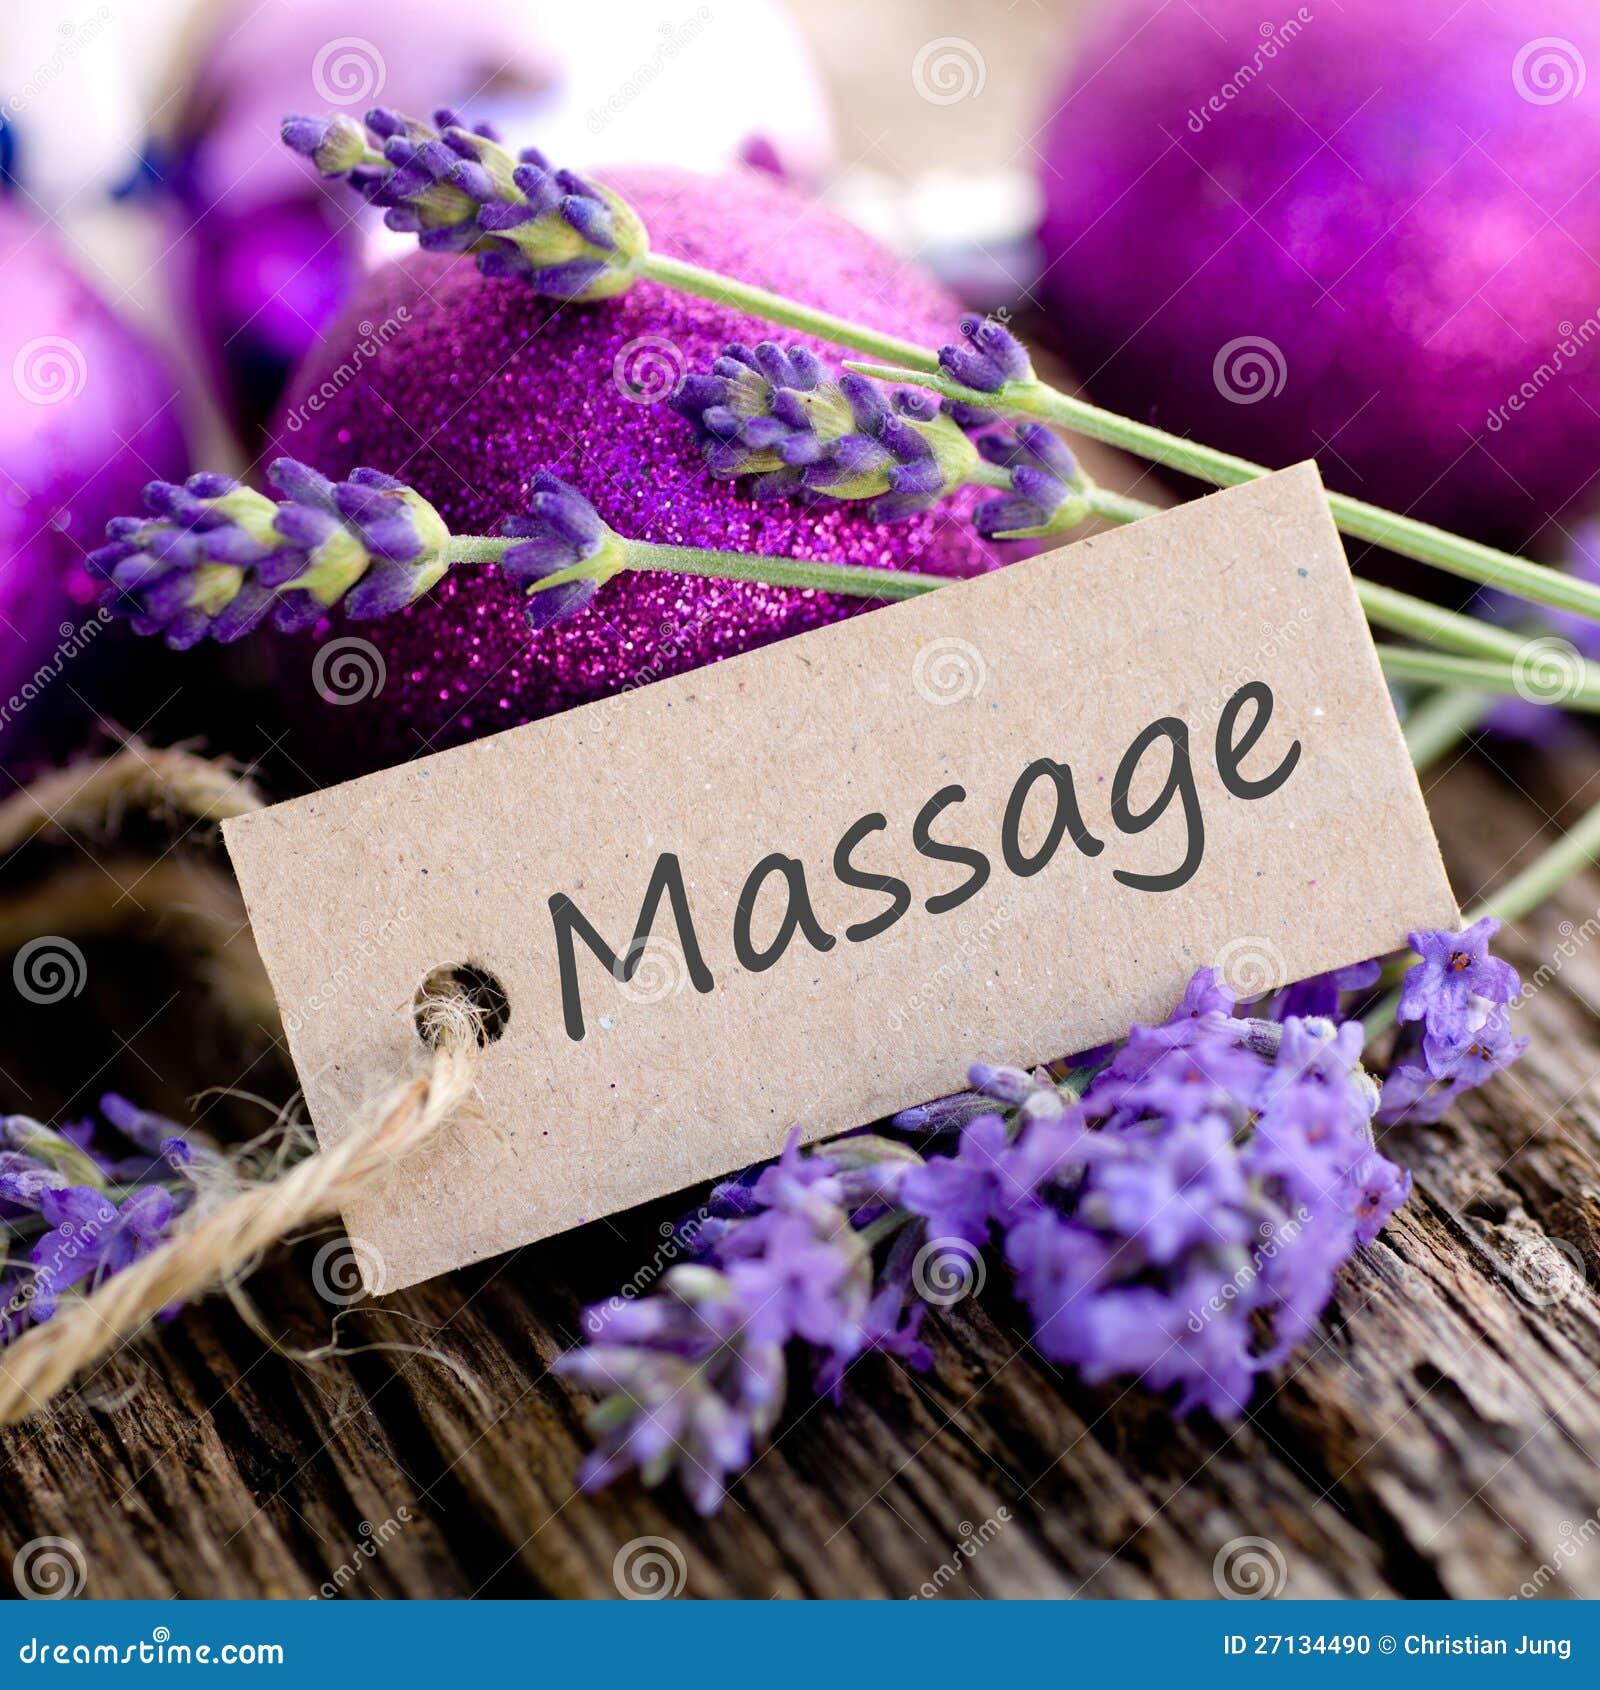 Label Massage Stock Photo Image 27134490